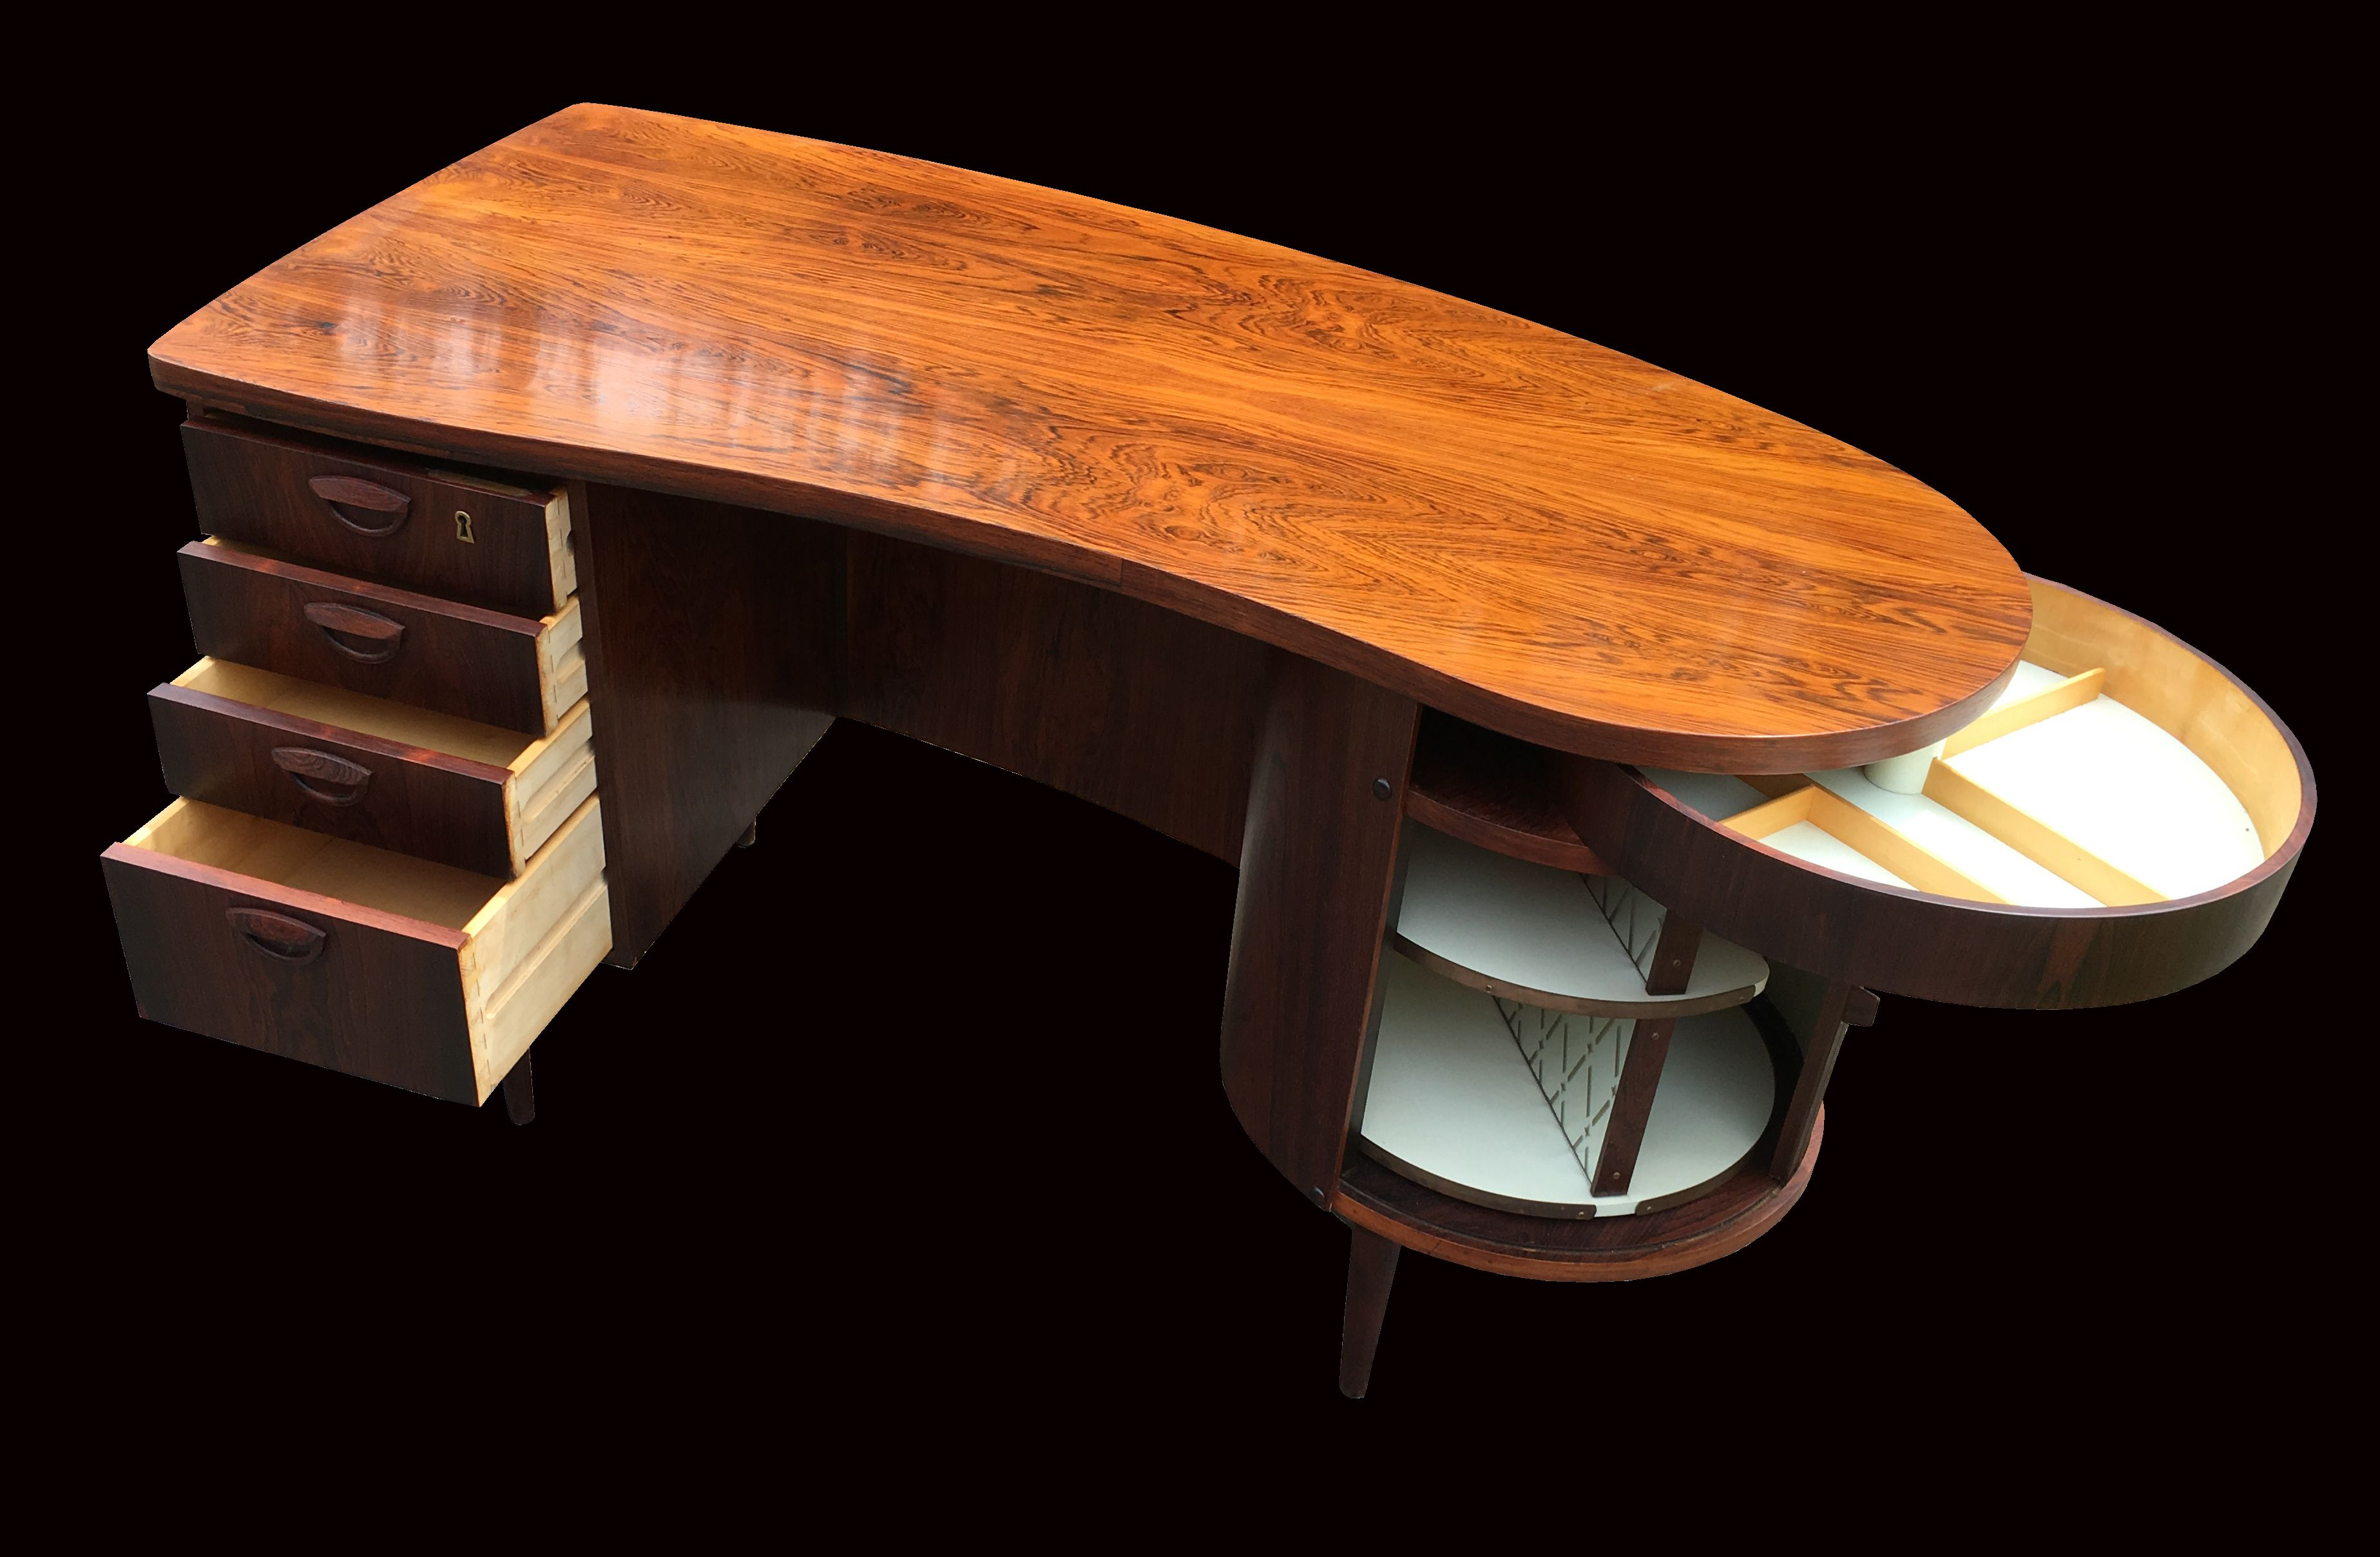 Rosewood Model 54 Desk By Kai Kristiansen For Fm Mobler Desk